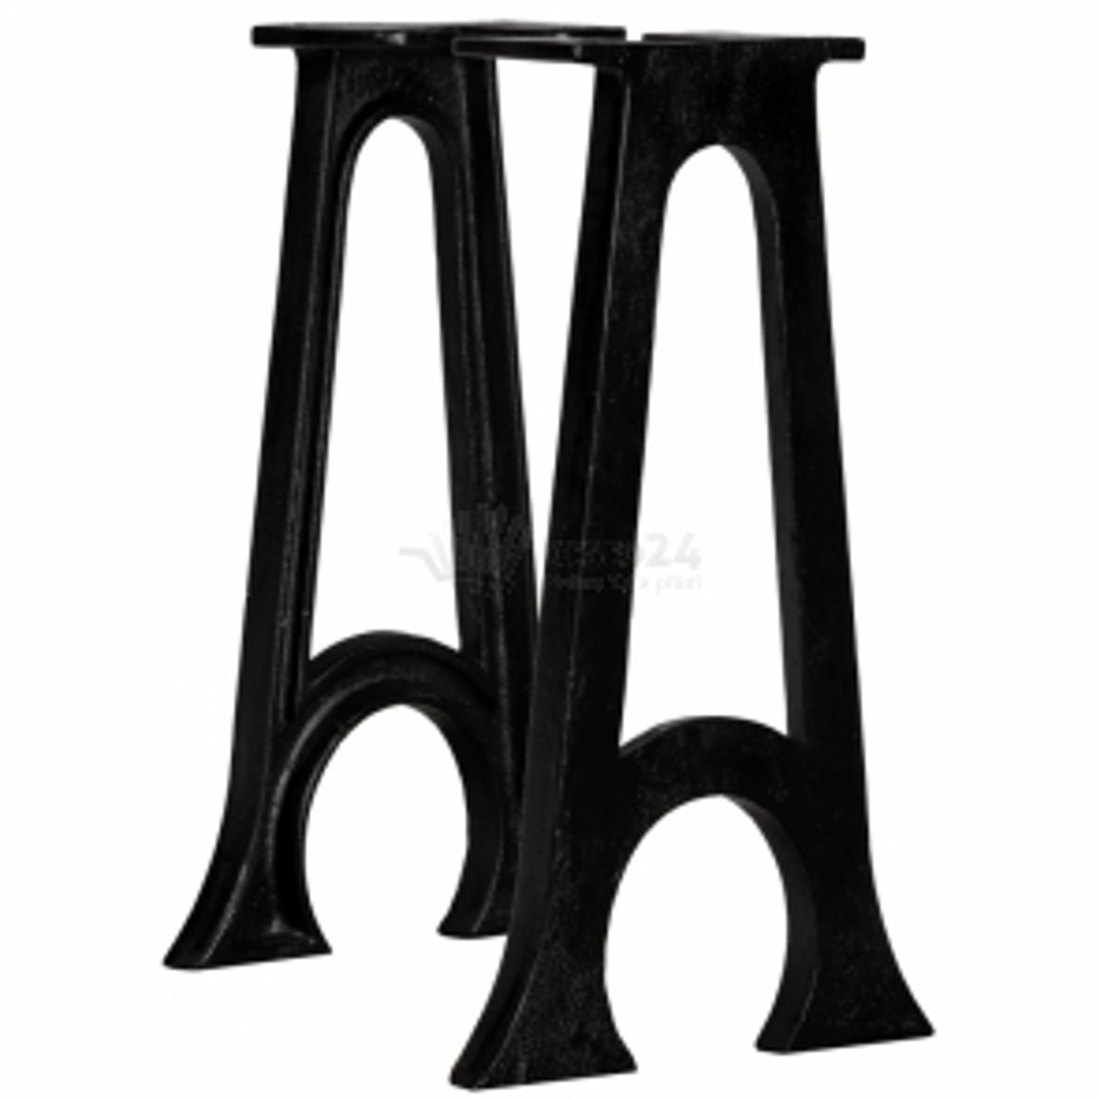 vidaXL Nohy k lavici ve tvaru oblého písmene A 2 ks litinové [245431]